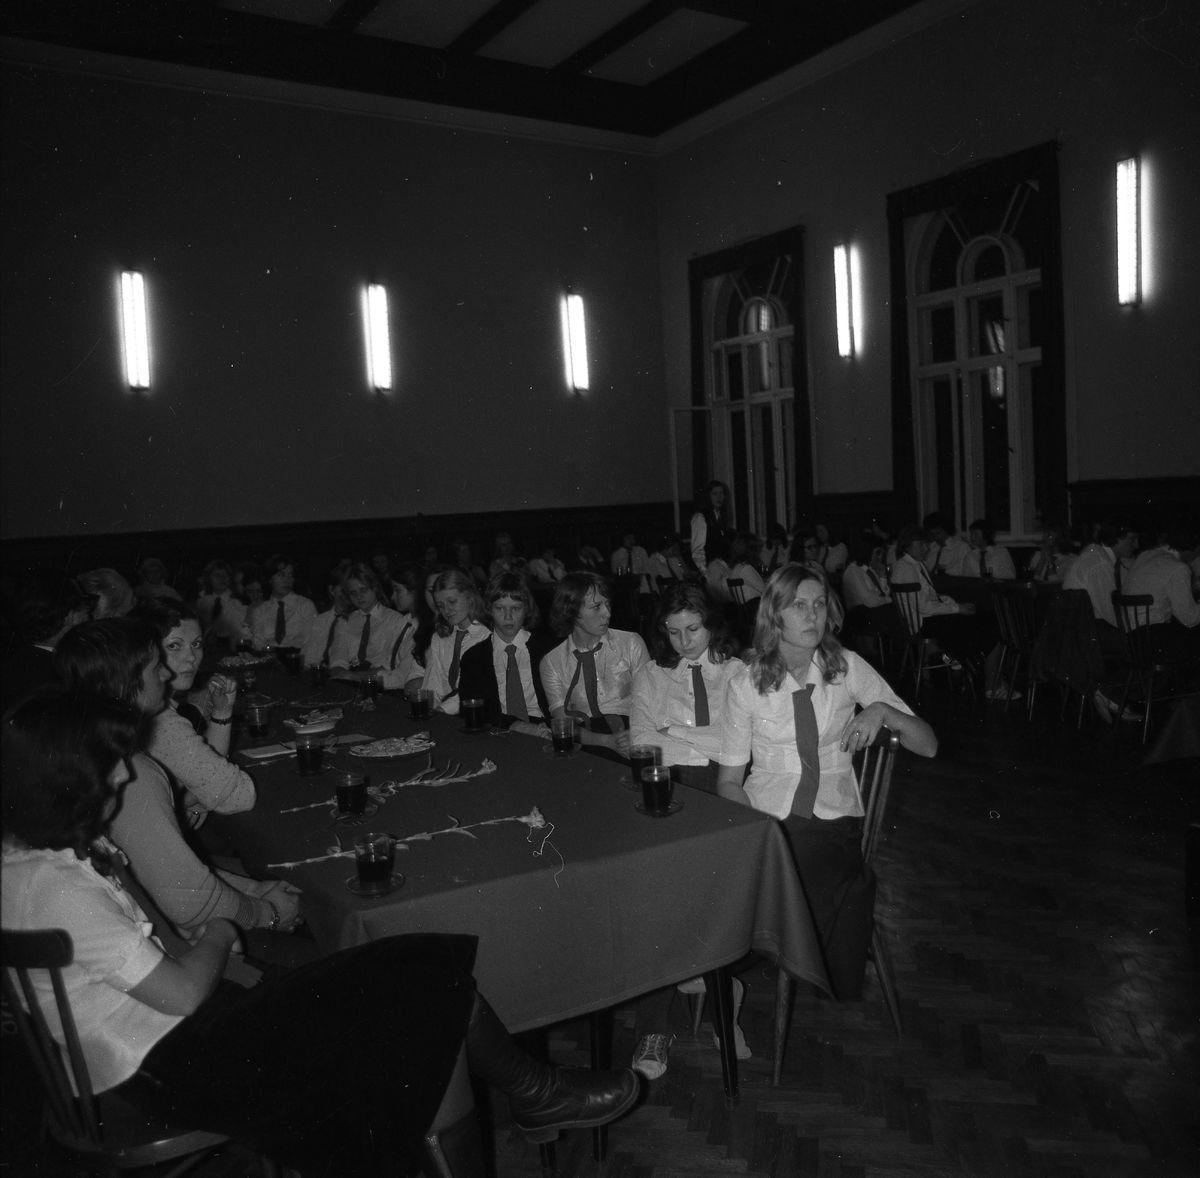 Spotkanie członków Związku Młodzieży Socjalistycznej, 1975 r.